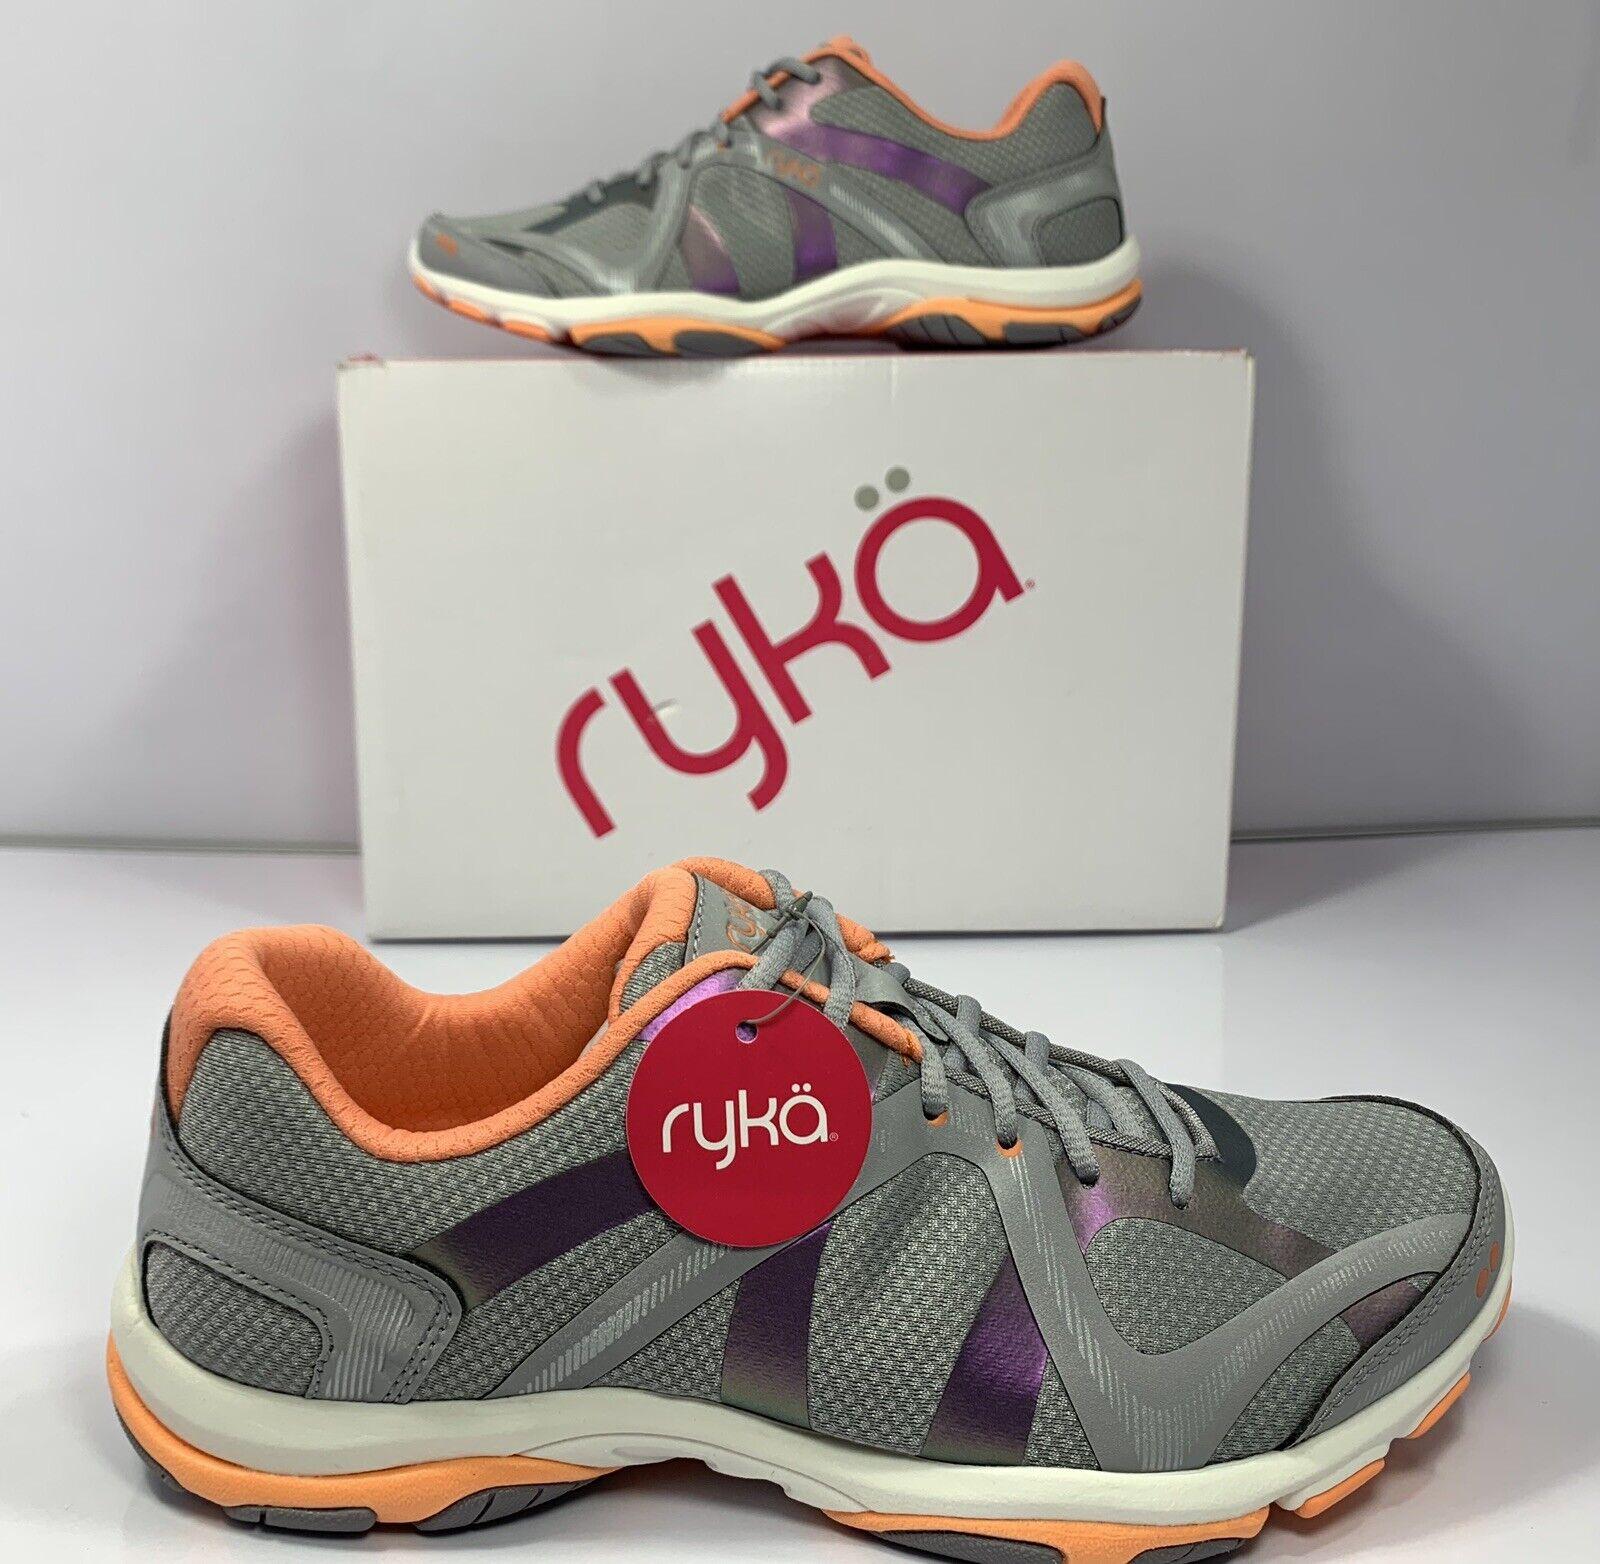 RYKA Womens Influence Cross Trainer